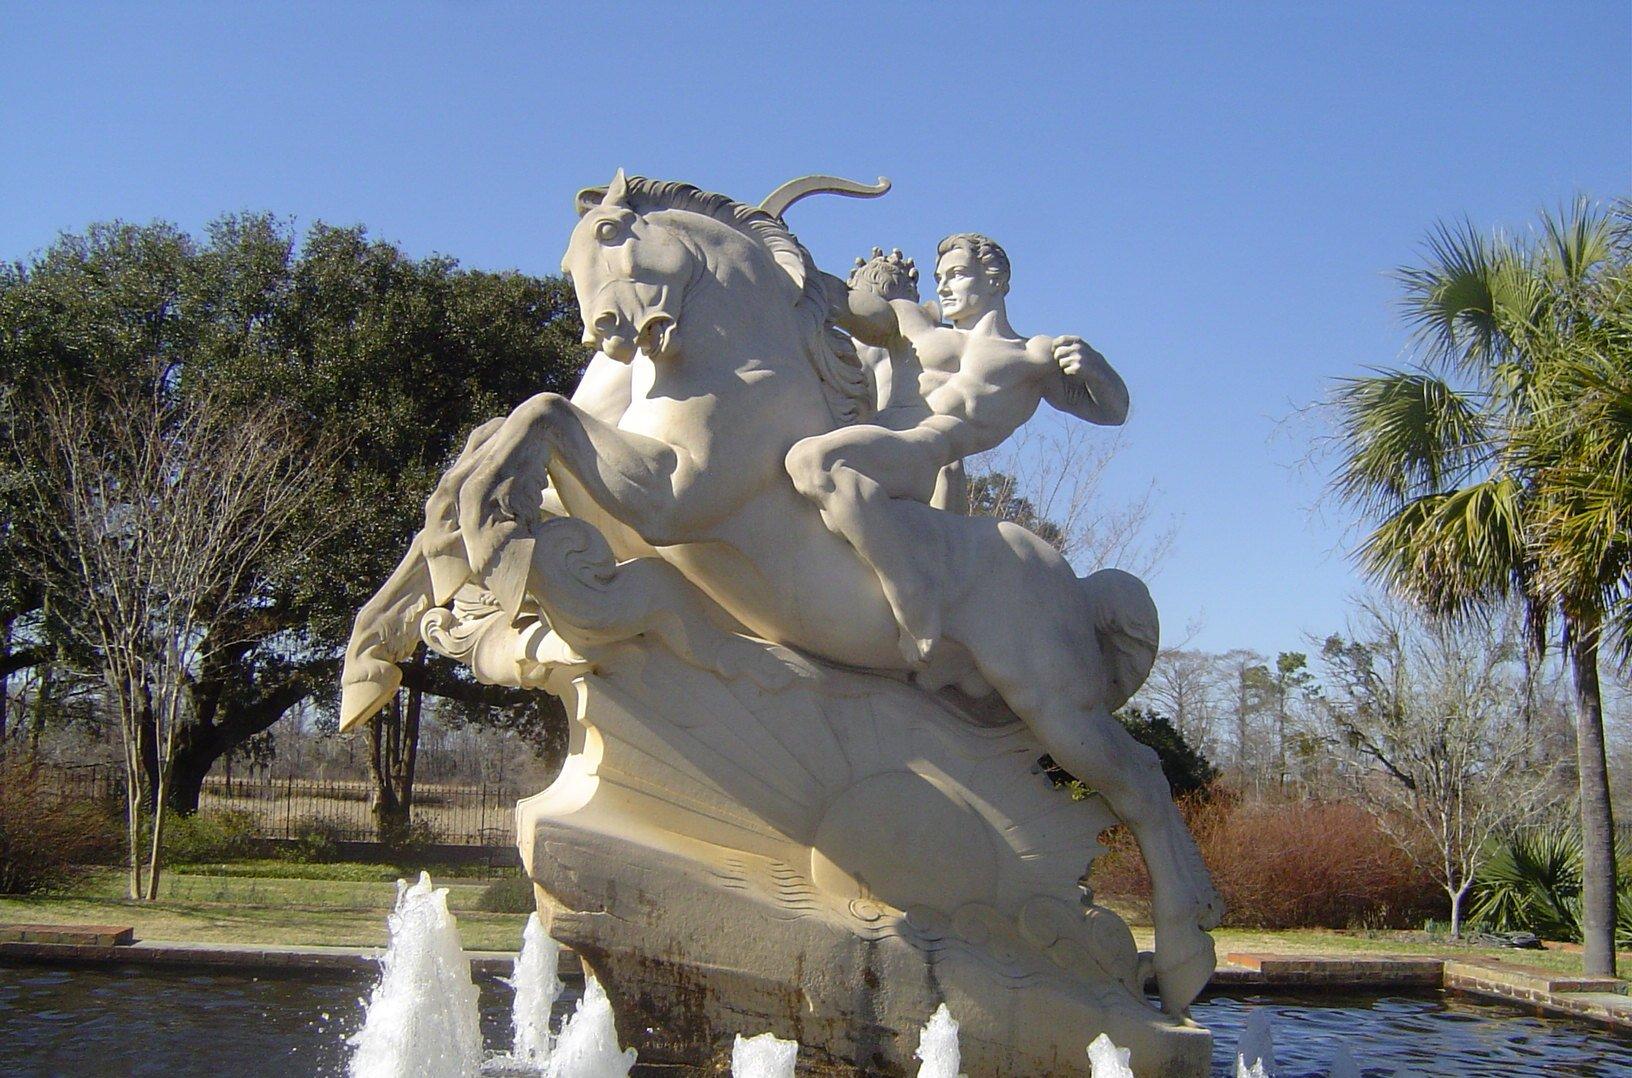 File:Brookgreen Gardens Sculpture12